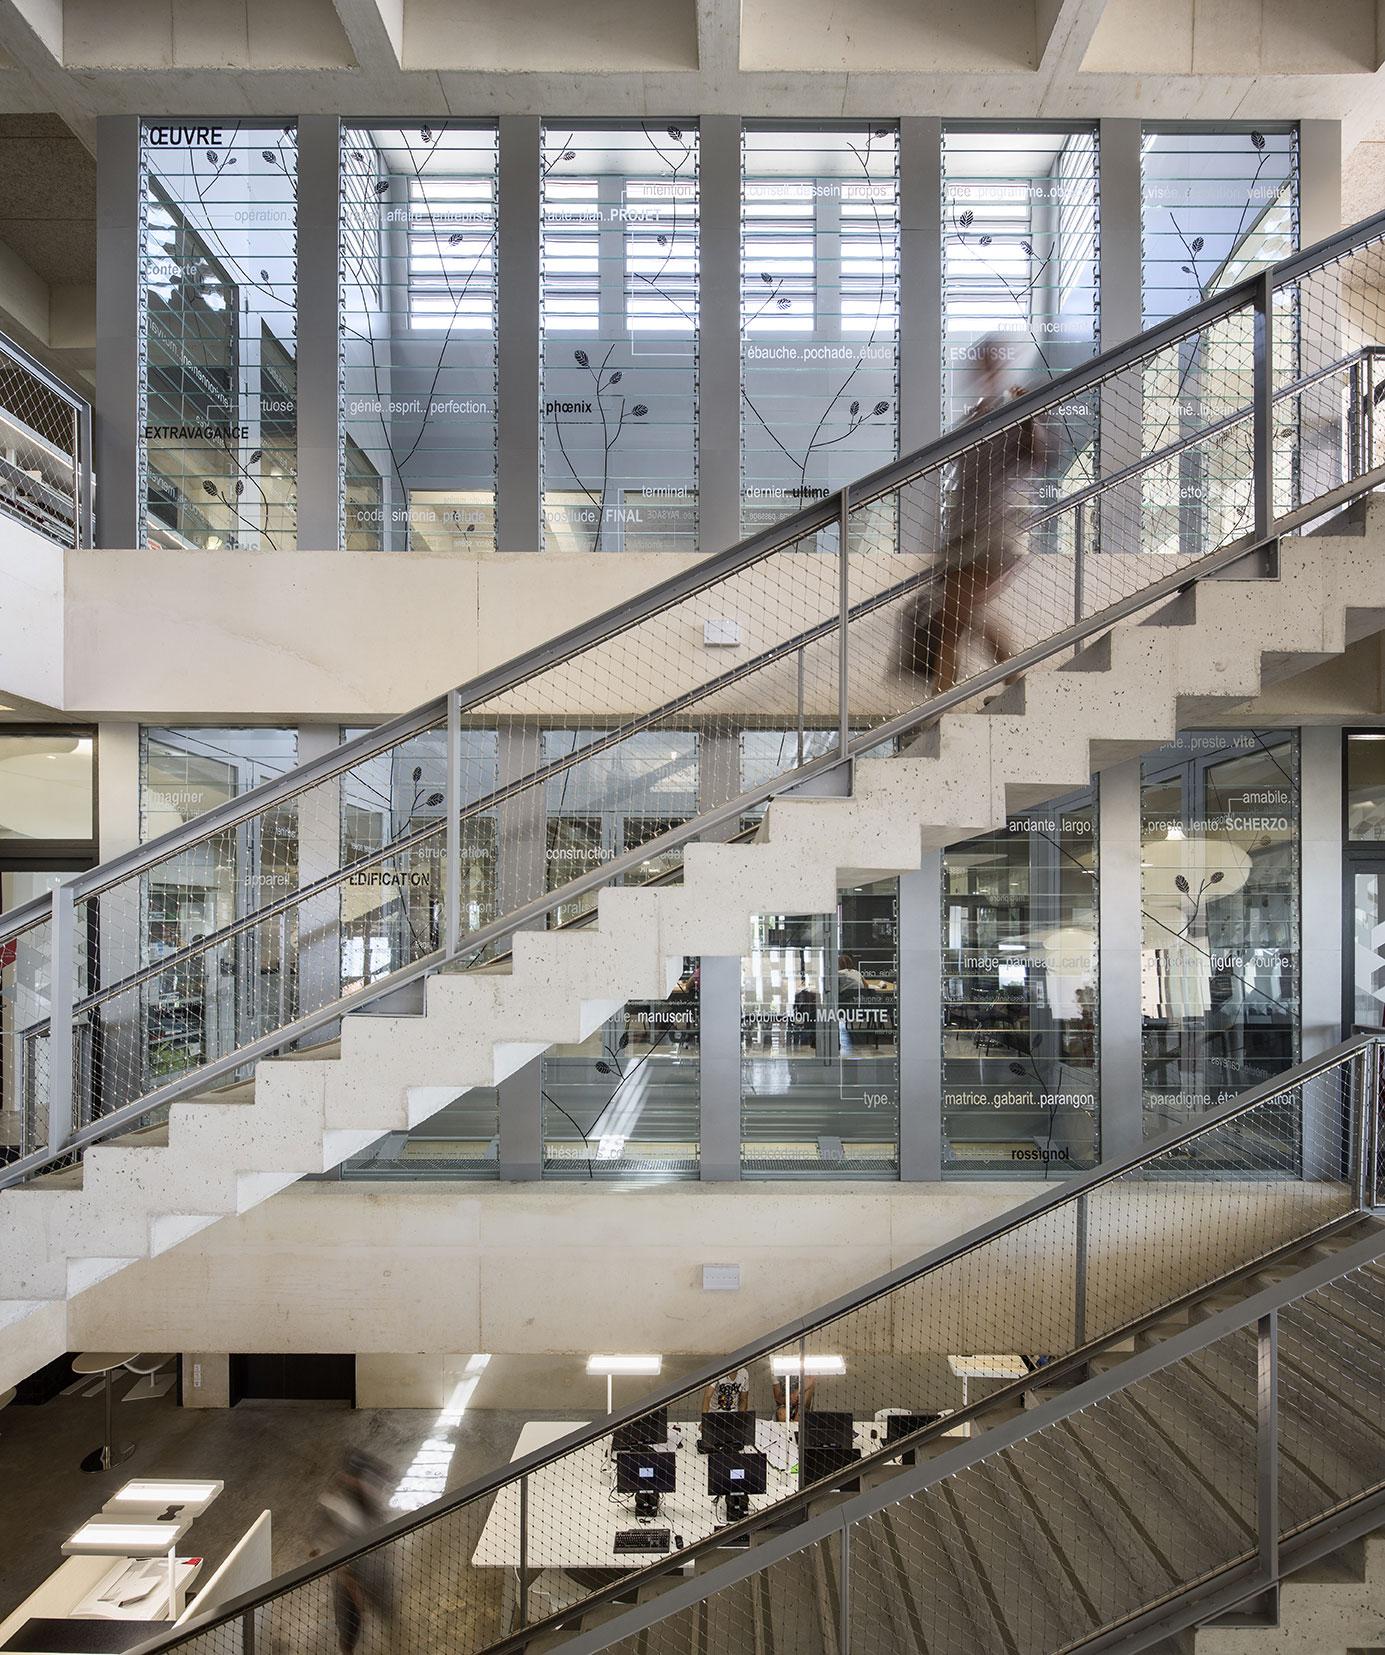 Tautem architecture - mediatheque Montaigne Frontignan - escaliers de l'atrium